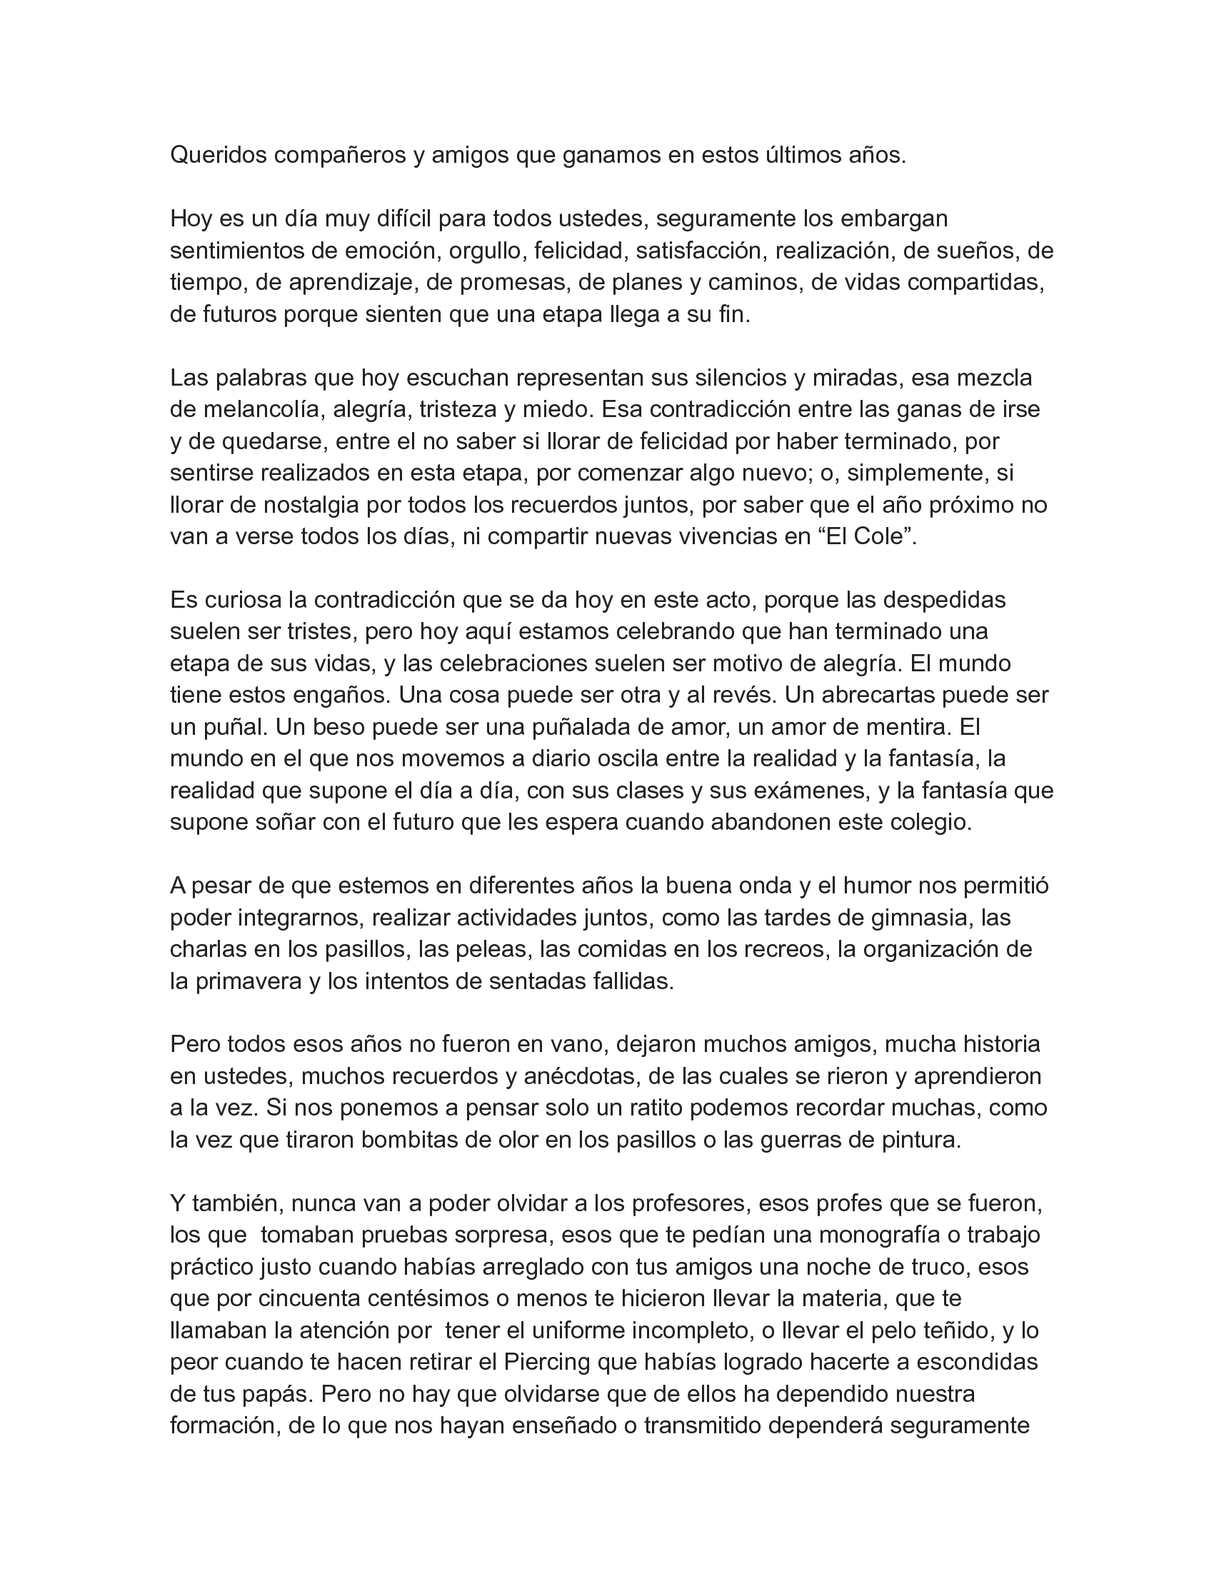 carta a mi padre kafka pdf